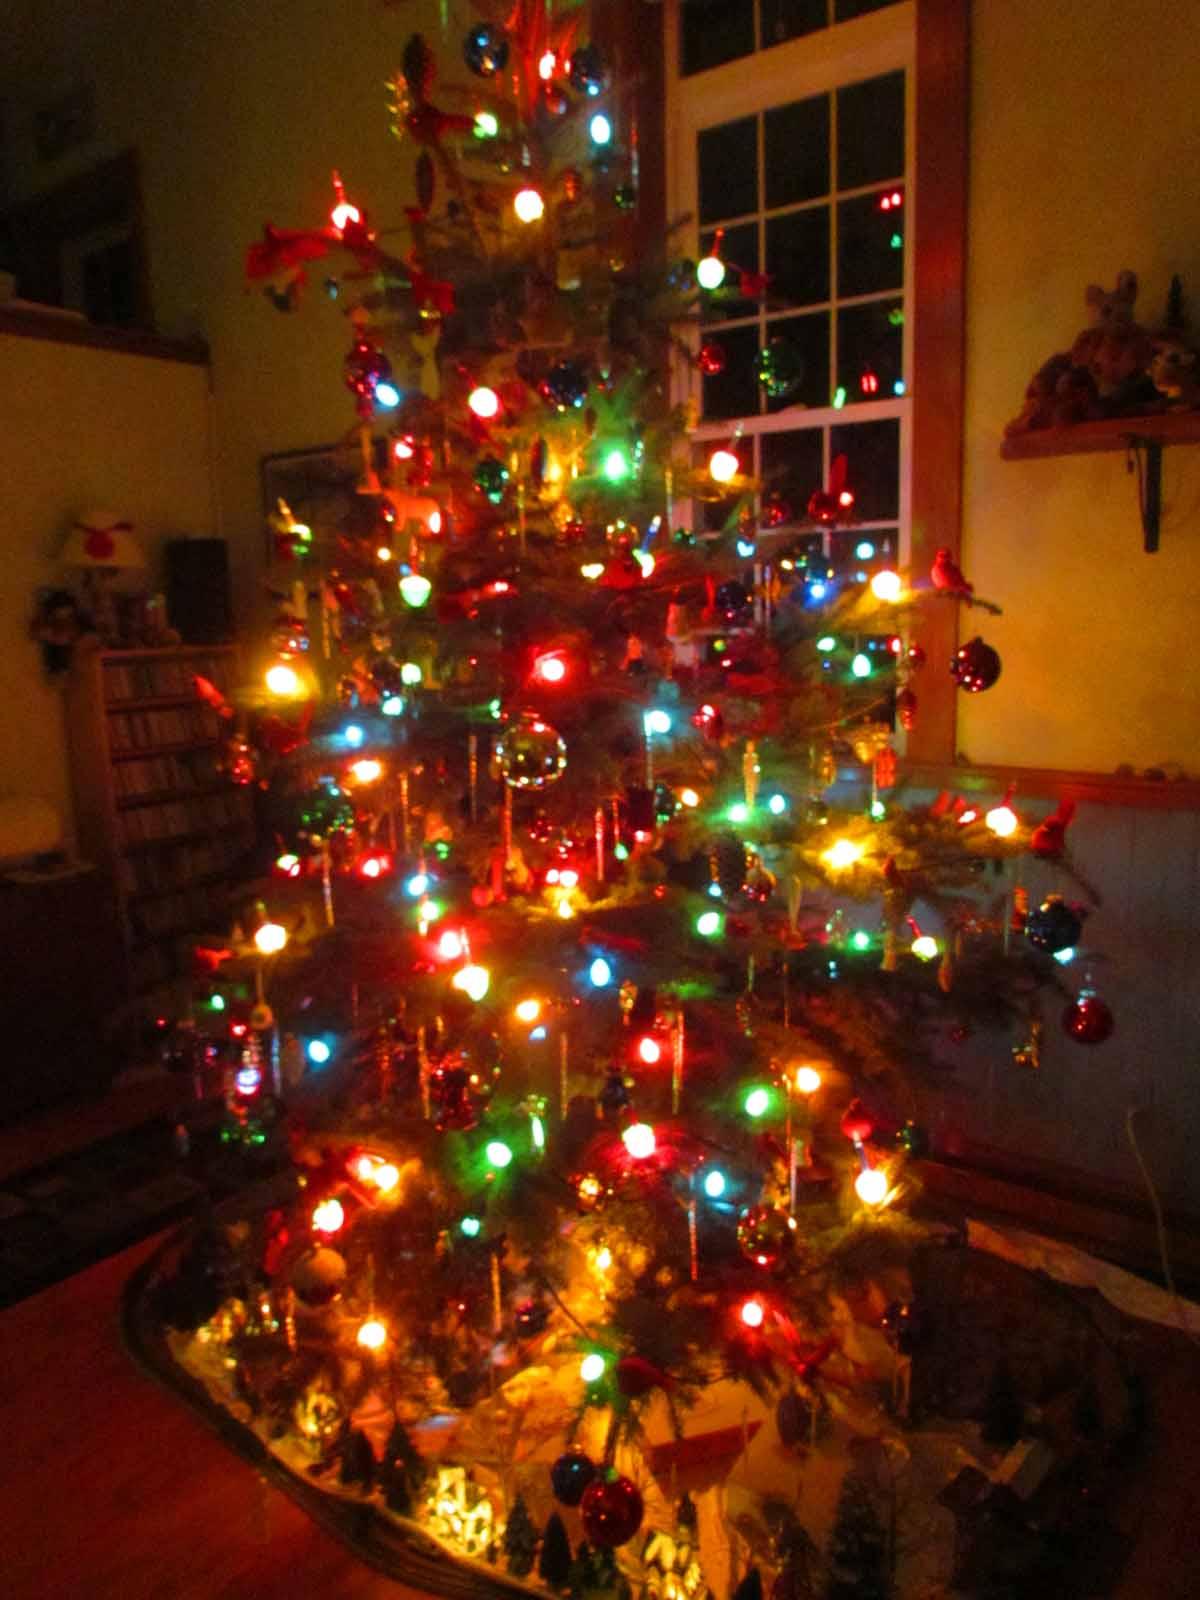 Christmas Tree With No Lights